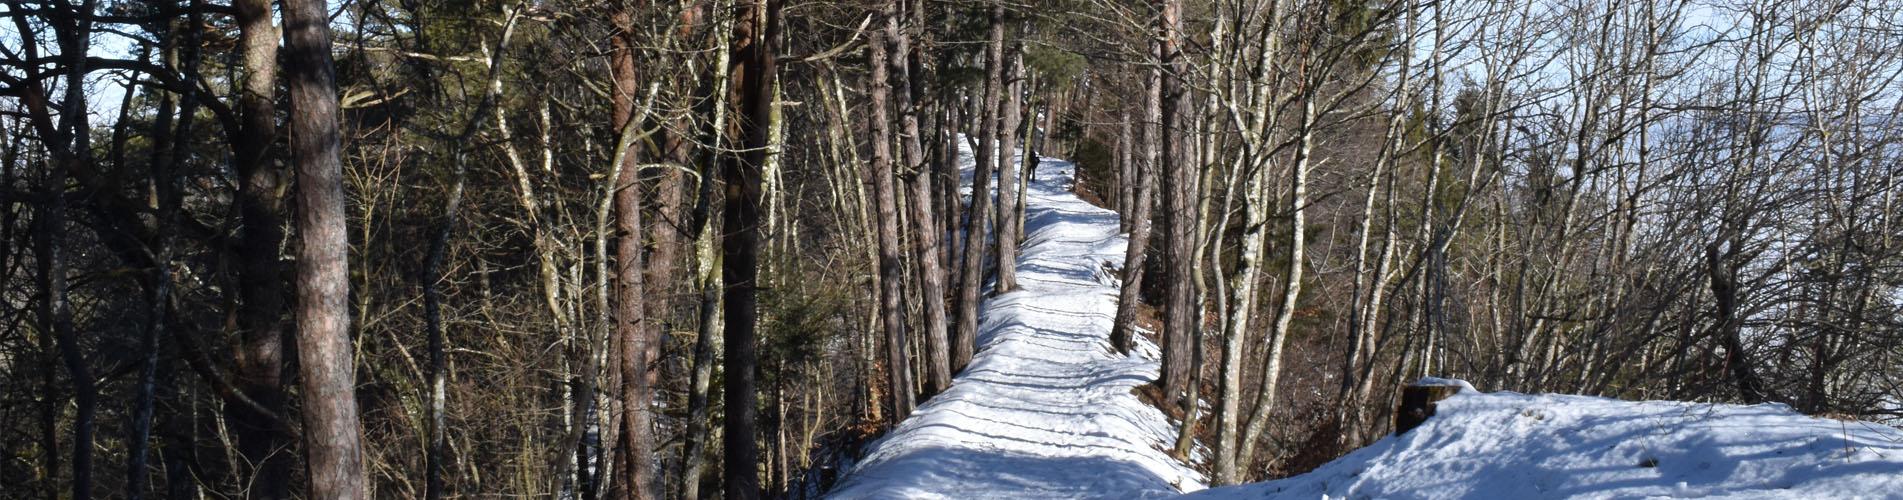 Winterwanderungen und Schneeschuhtouren